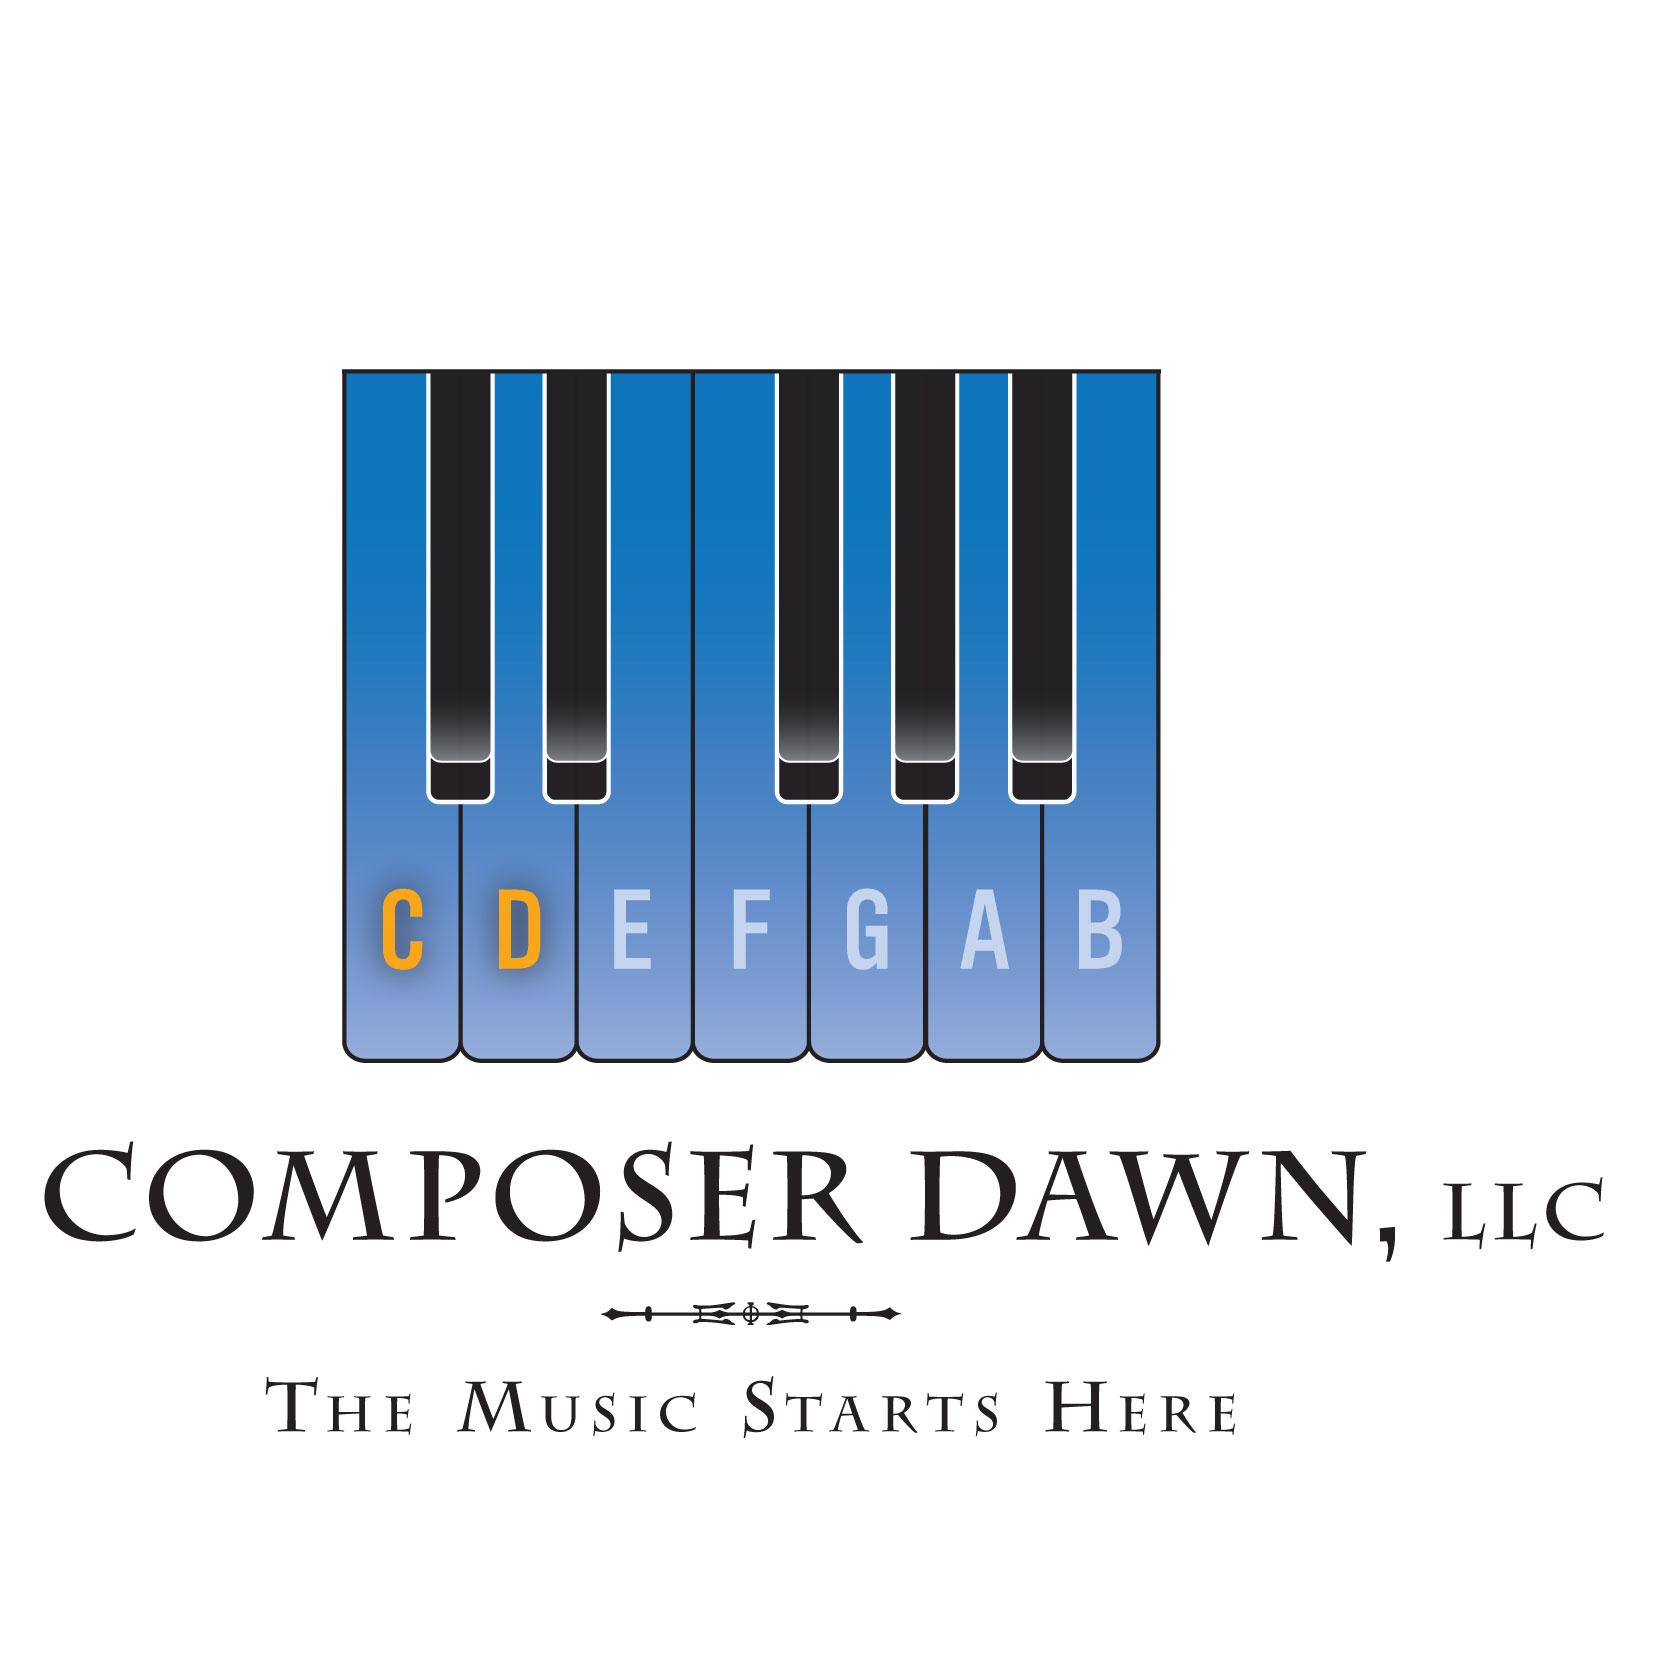 ComposerDawn, LLC